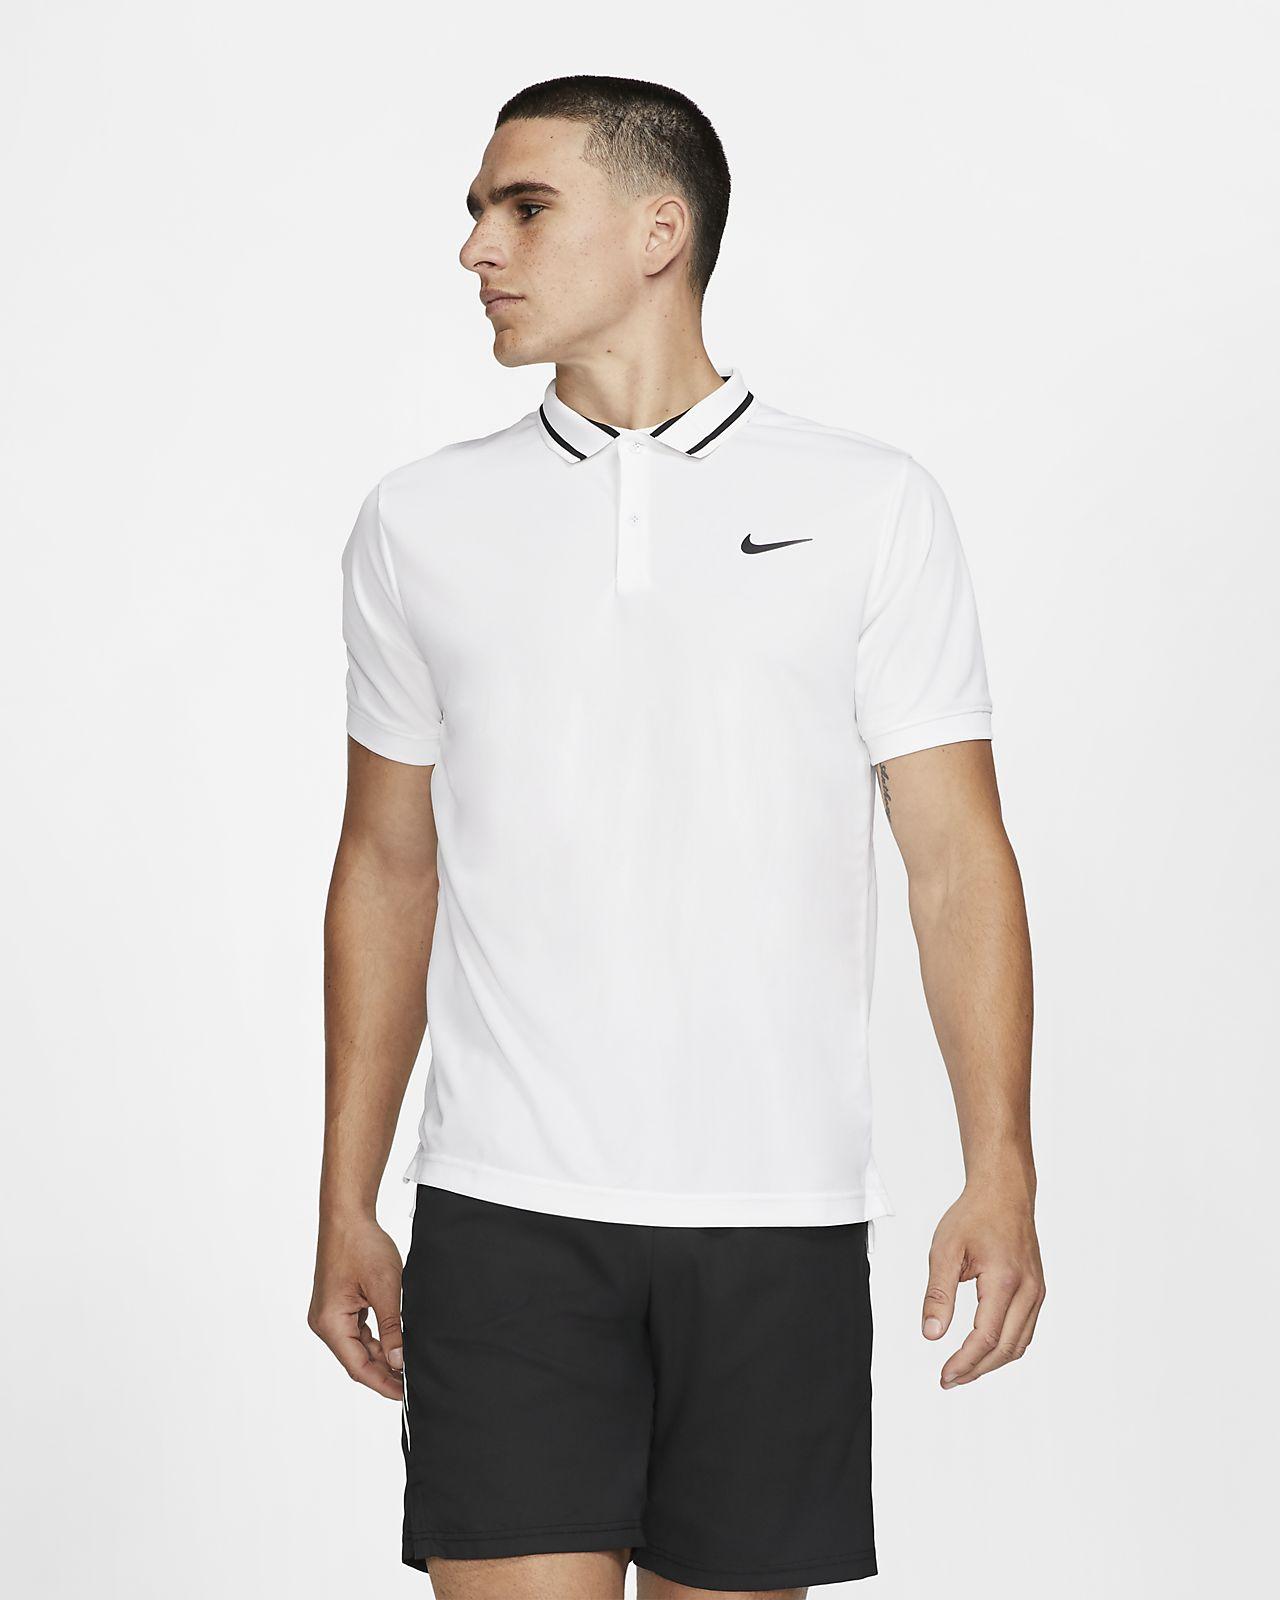 Pánská tenisová polokošile NikeCourt Dri-FIT